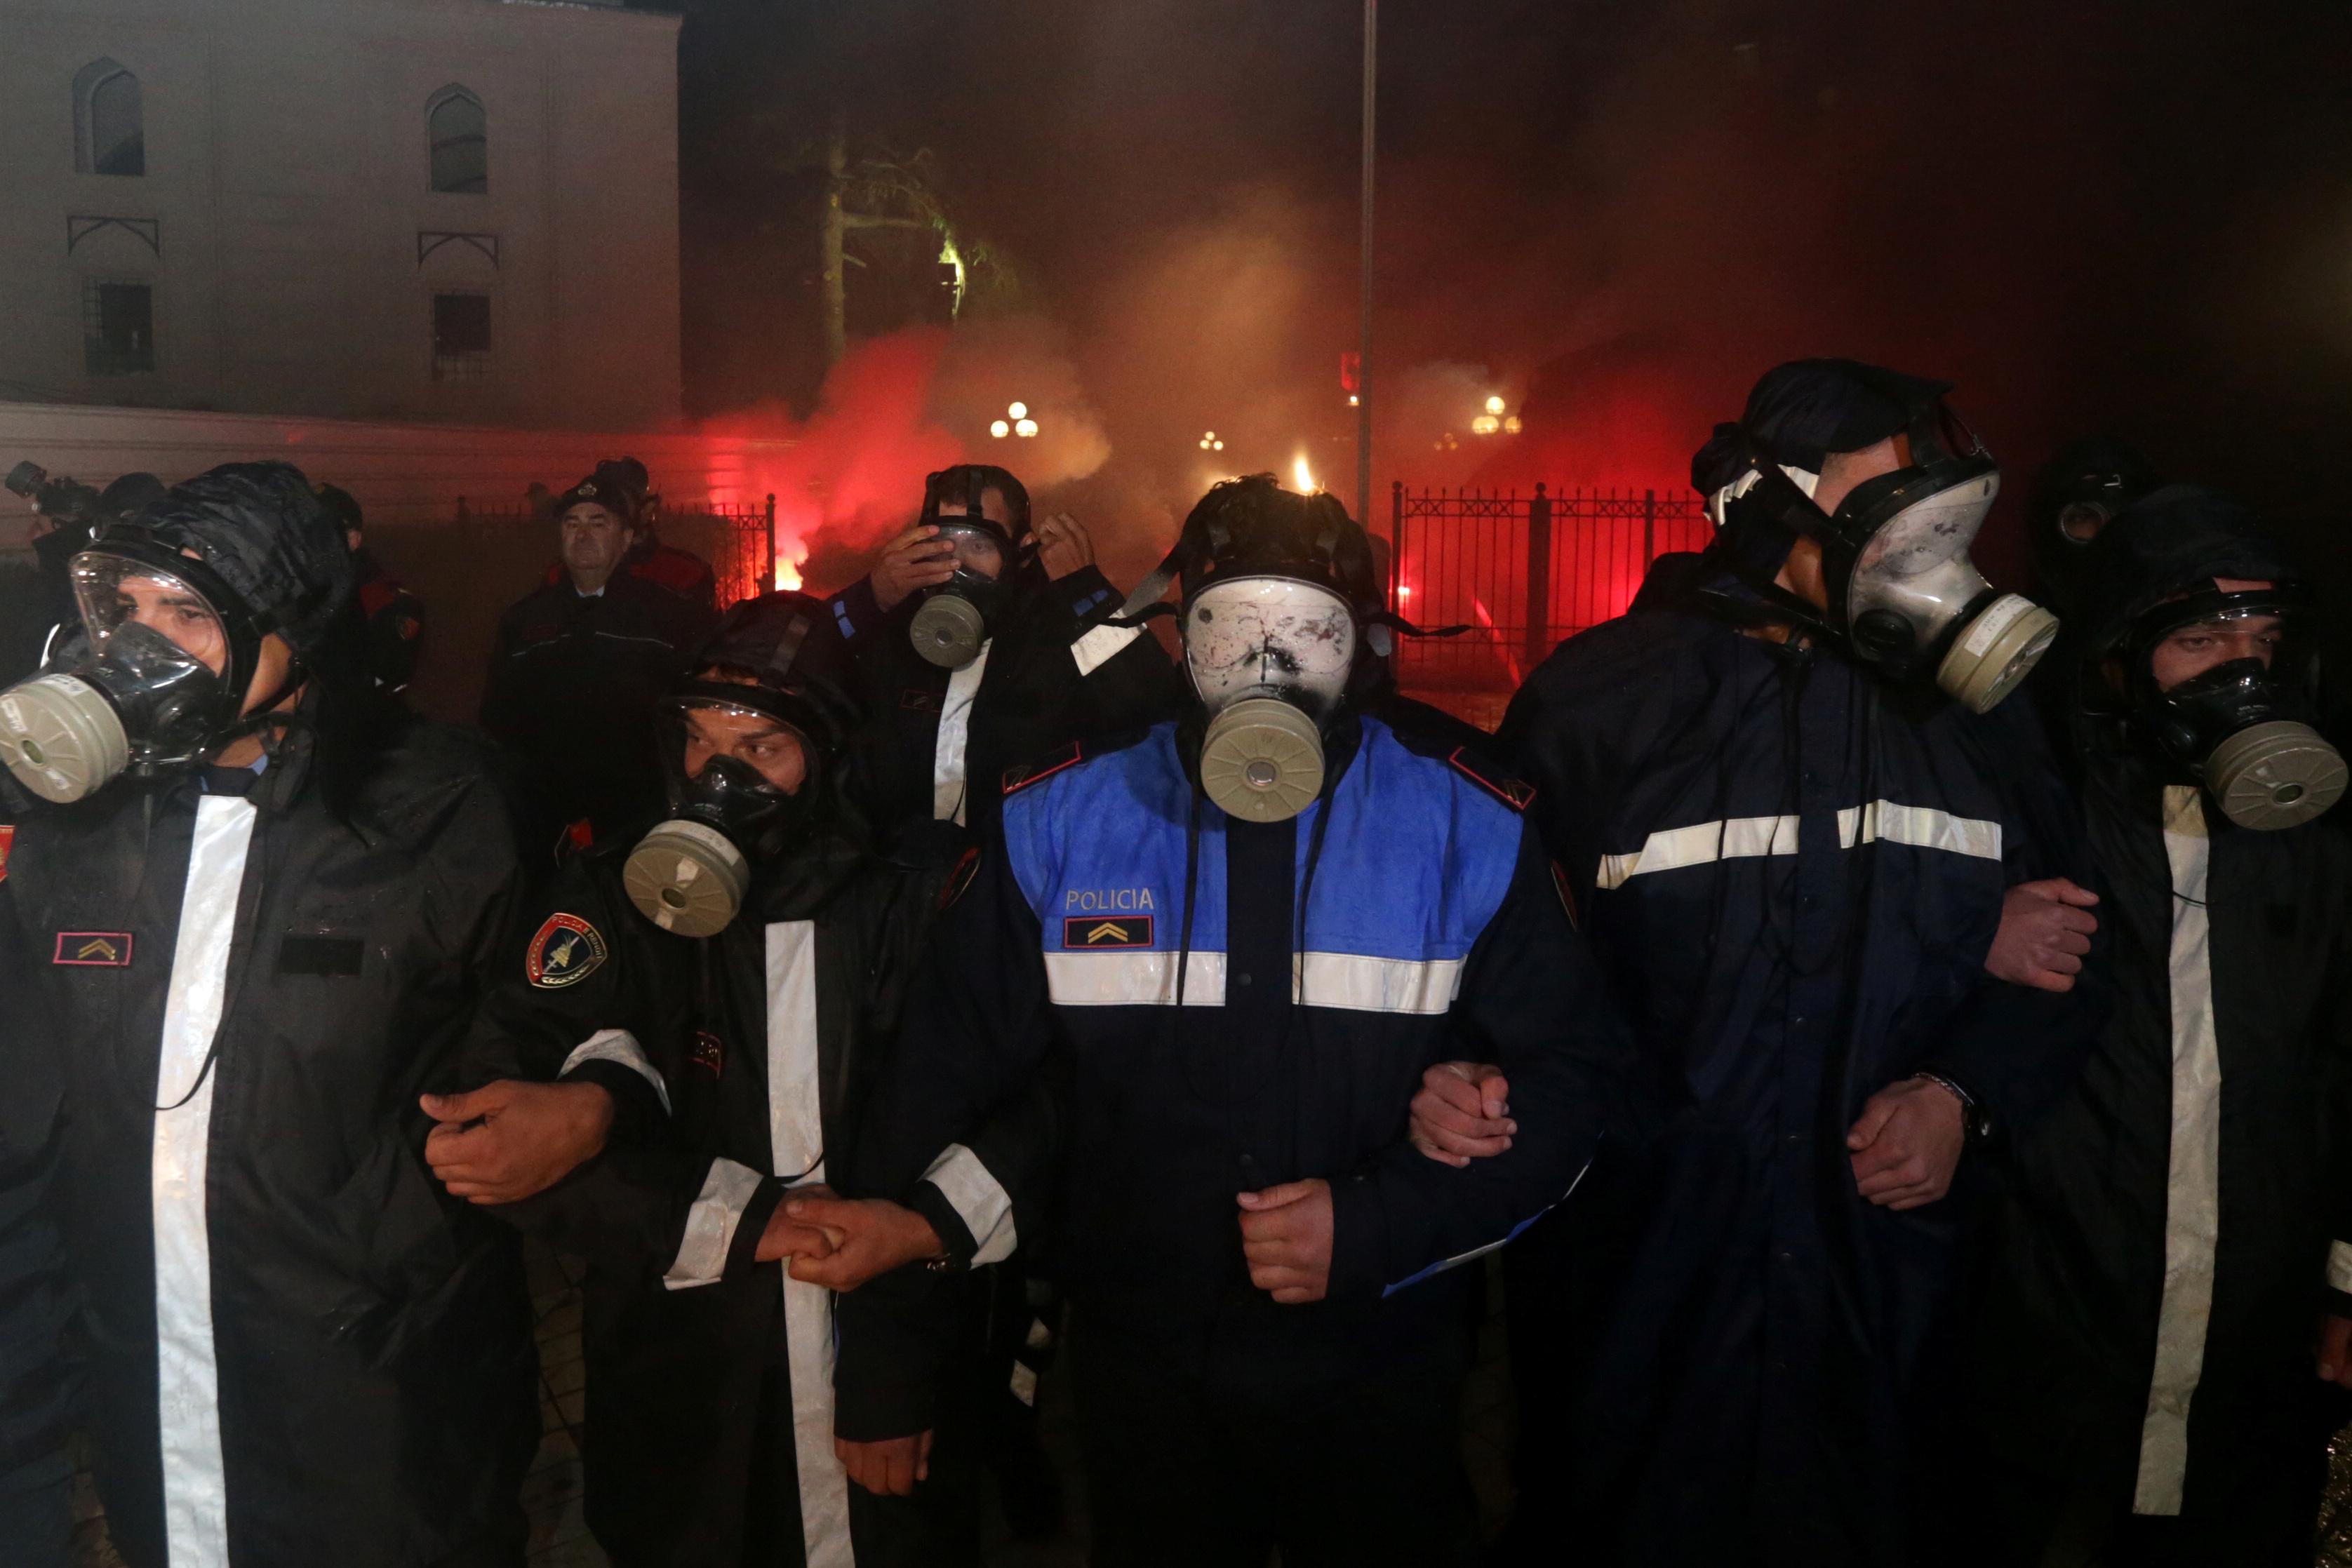 شوهد ضباط الشرطة خلال مظاهرة مناهضة للحكومة أمام مبنى البرلمان في تيرانا (2)